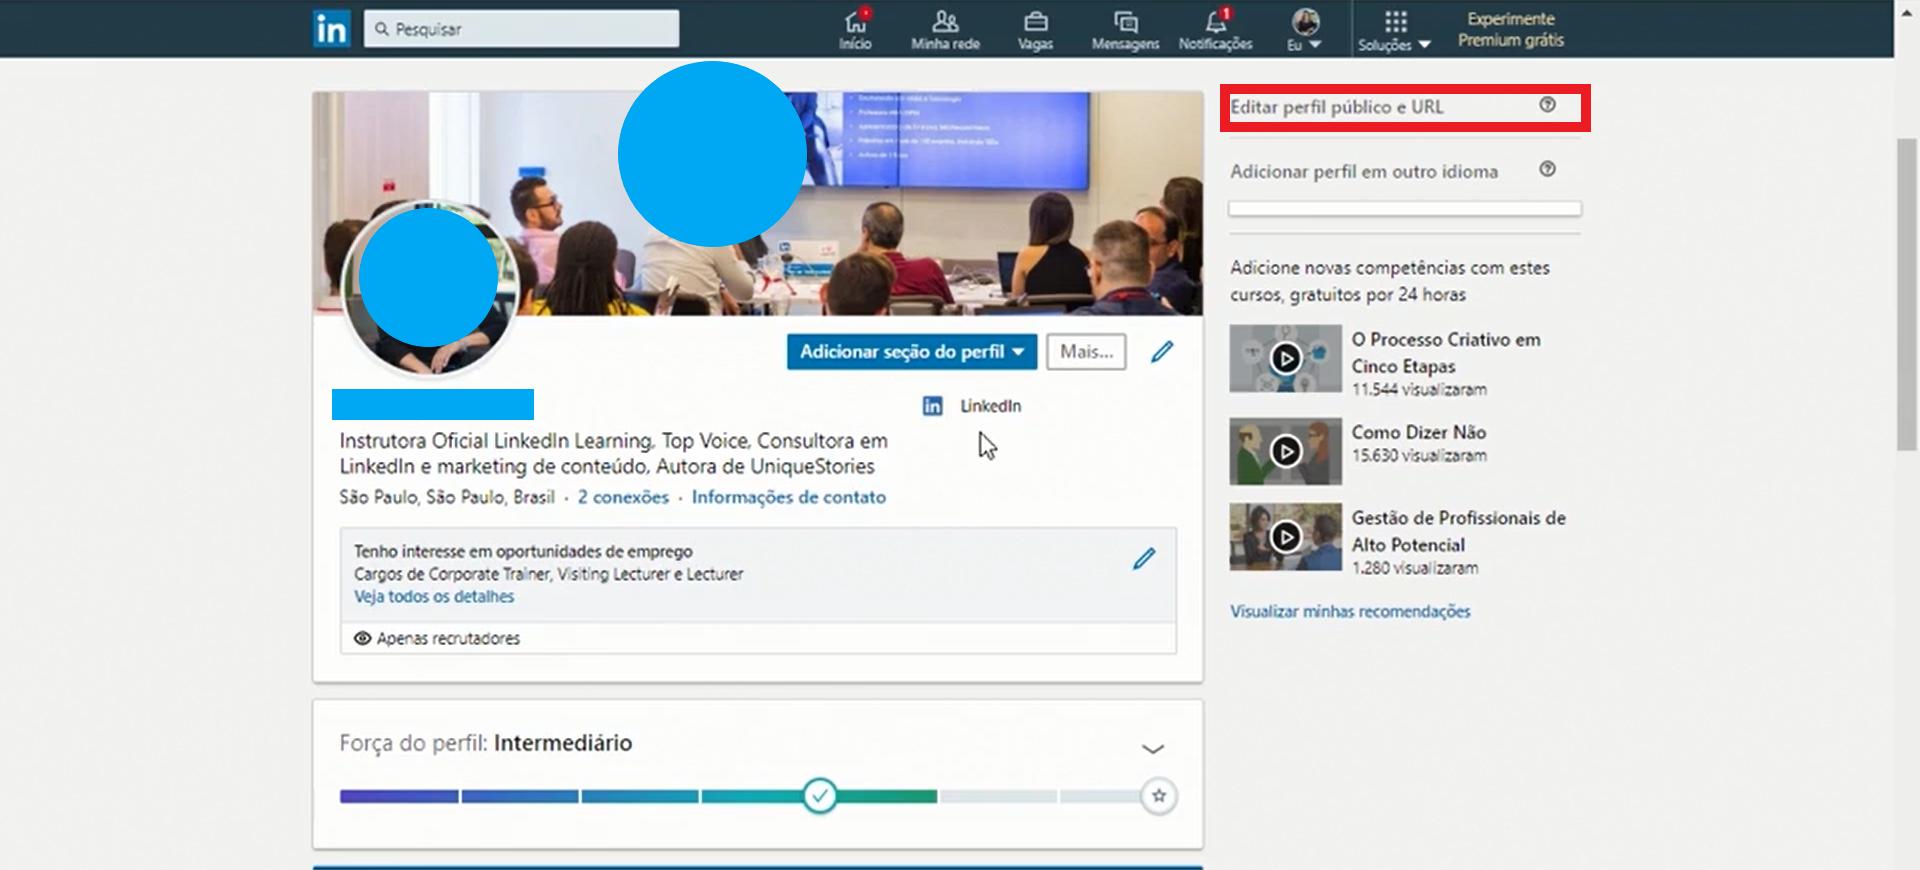 Configurar seu perfil público no LinkedIn é importante para que pessoas fora da rede tenham acesso às suas informações (Foto: Reprodução)